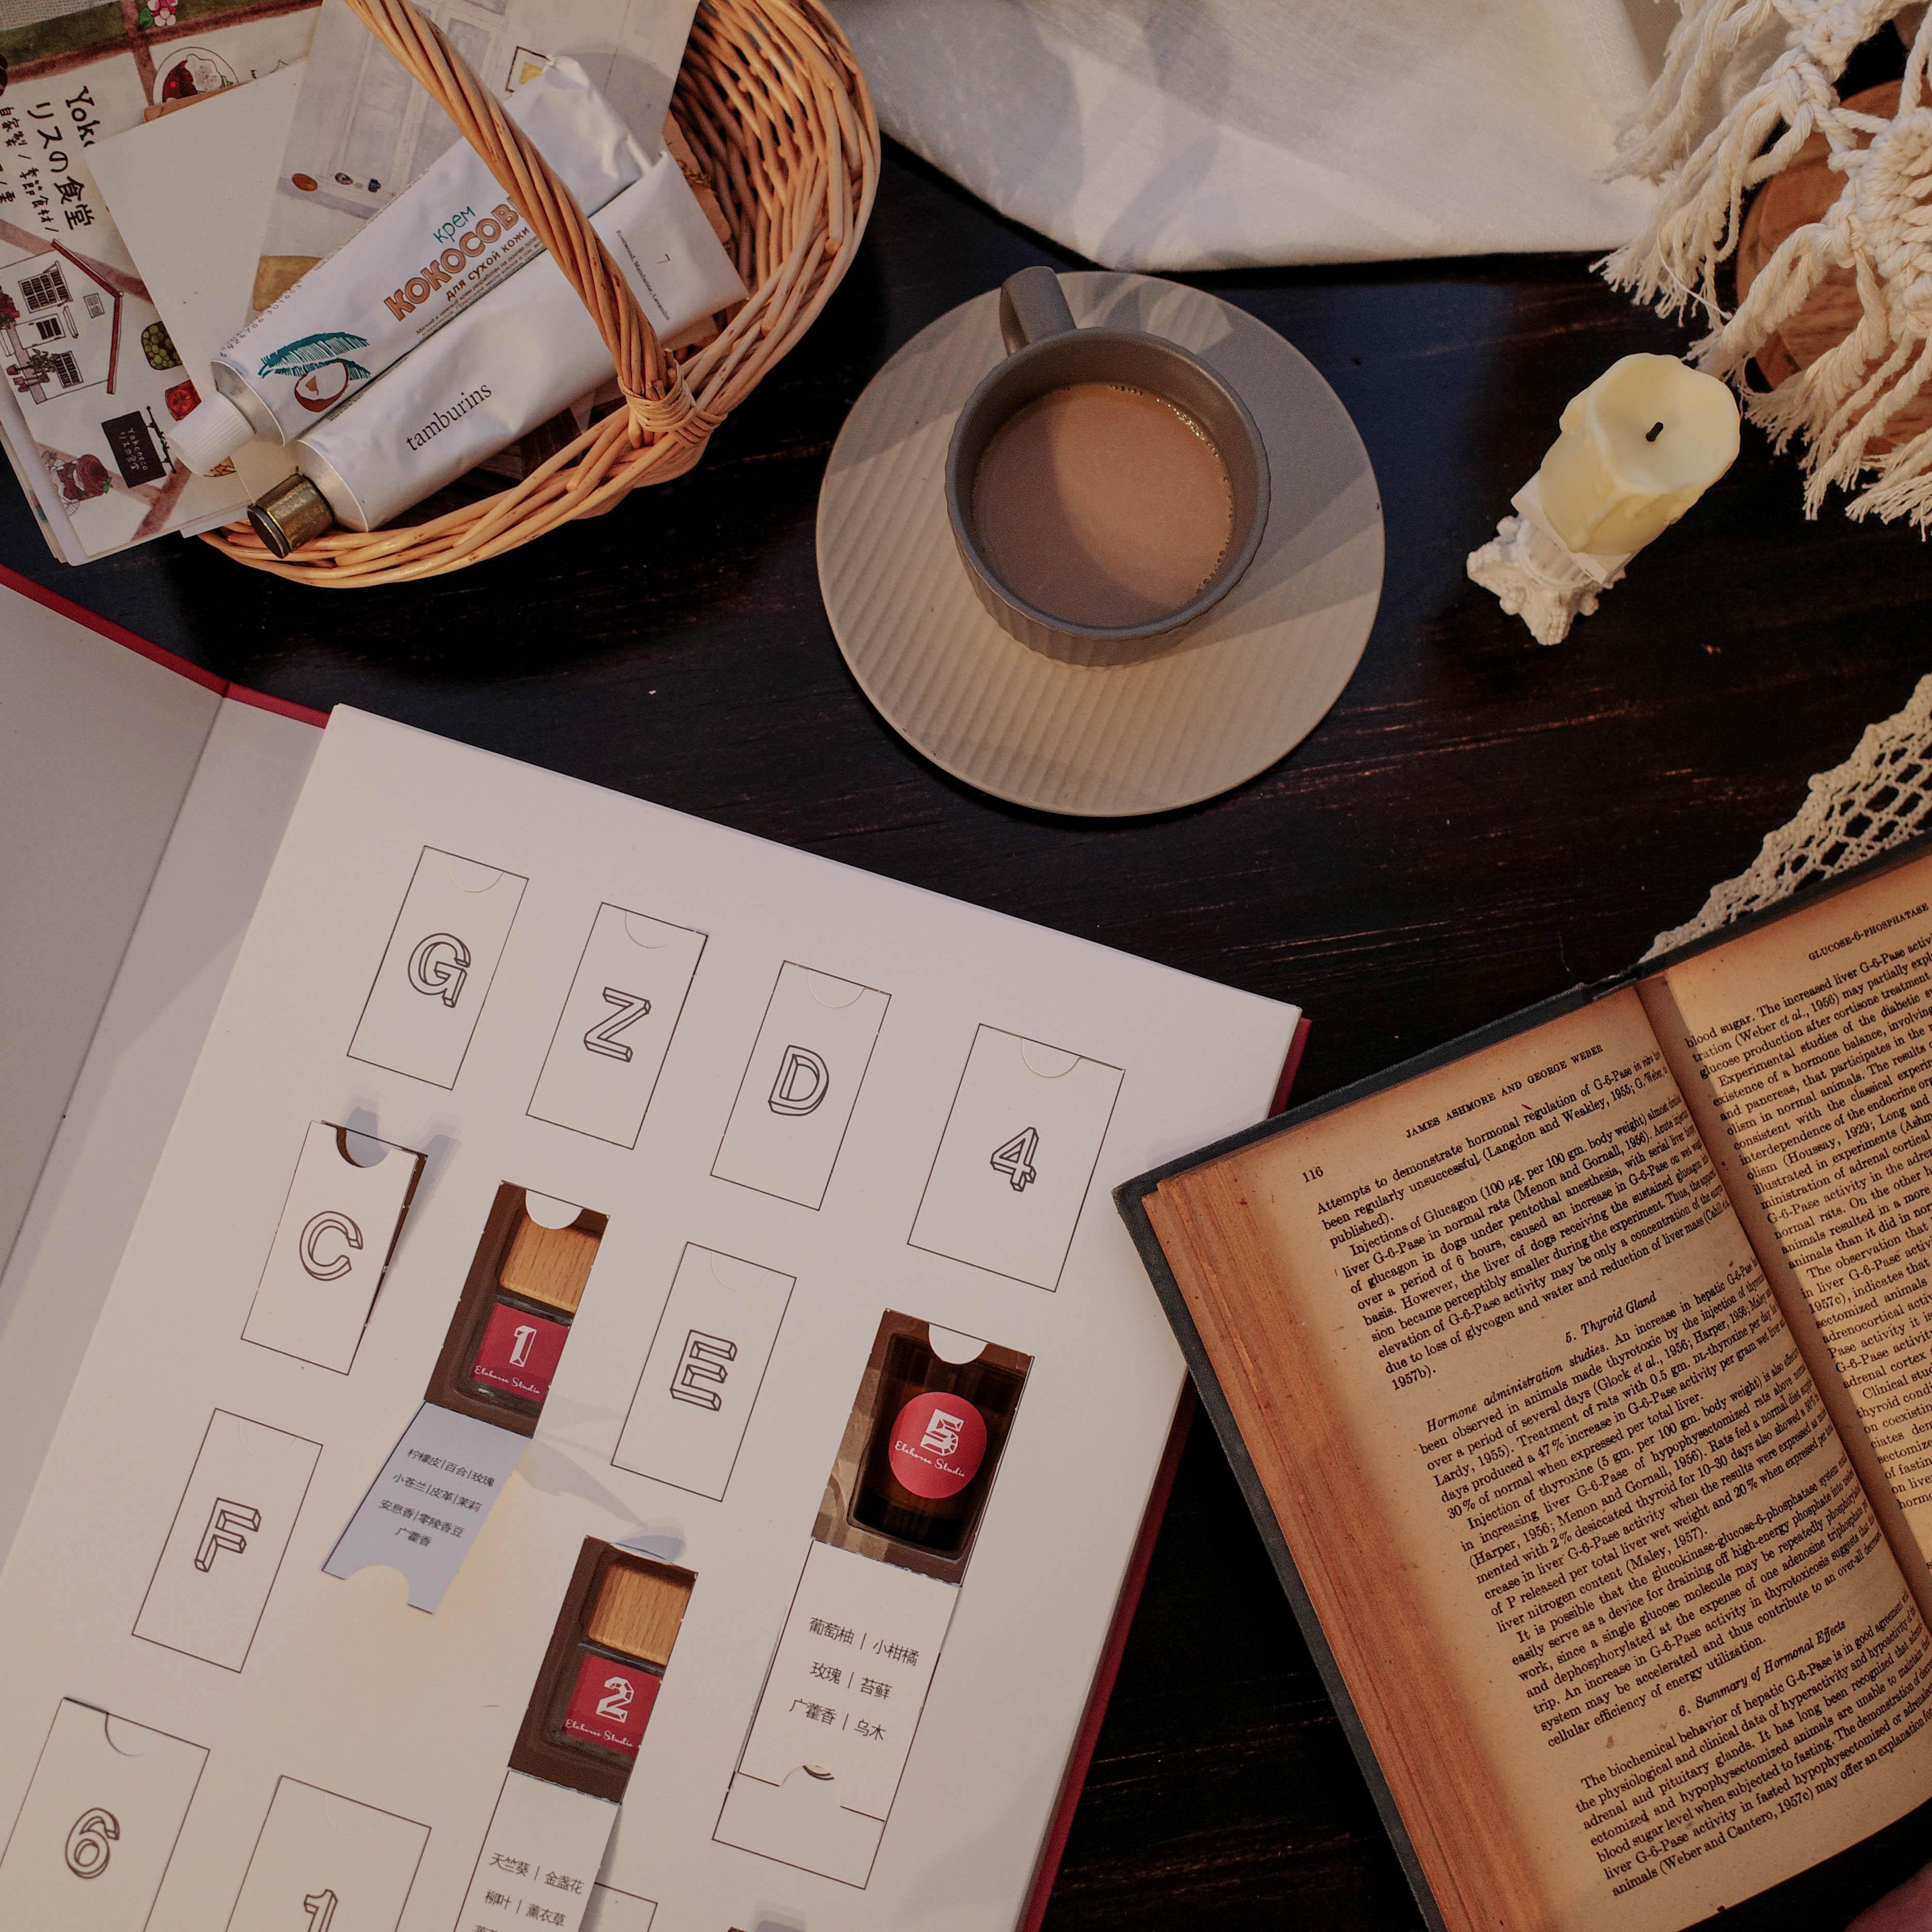 Elehorse试香日历盲盒,送闺蜜赏心悦目的居室礼物